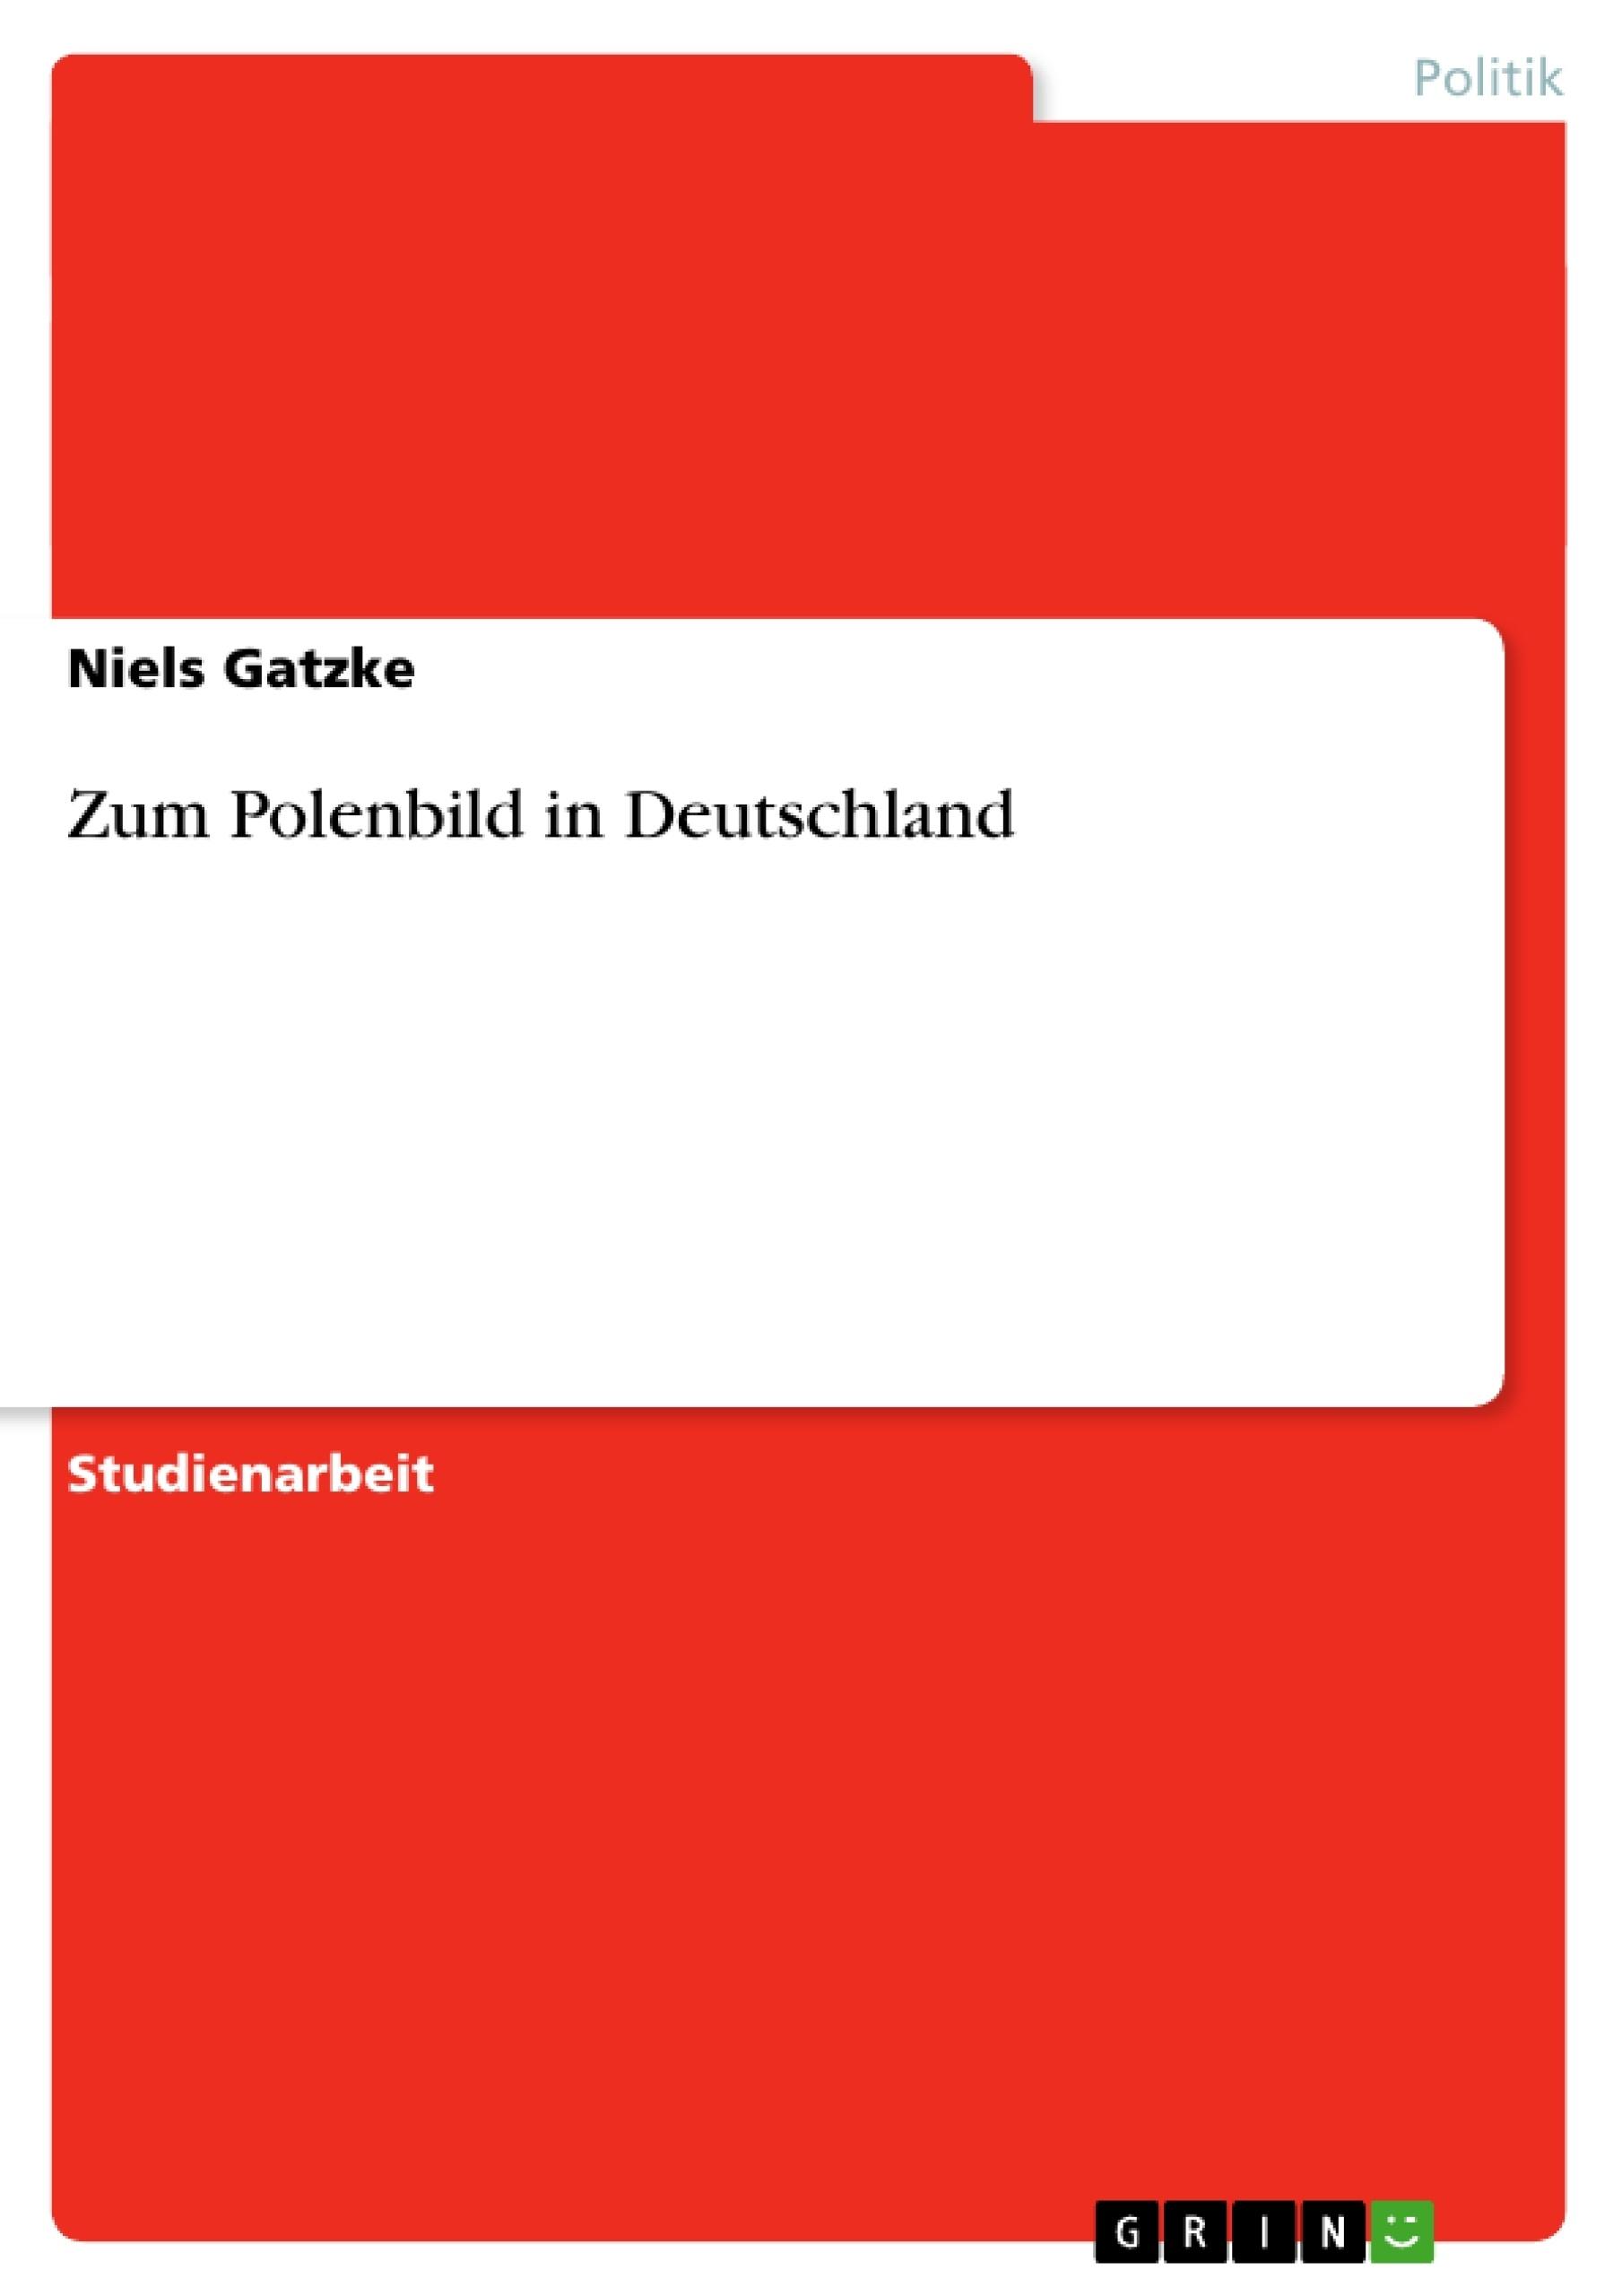 Titel: Zum Polenbild in Deutschland